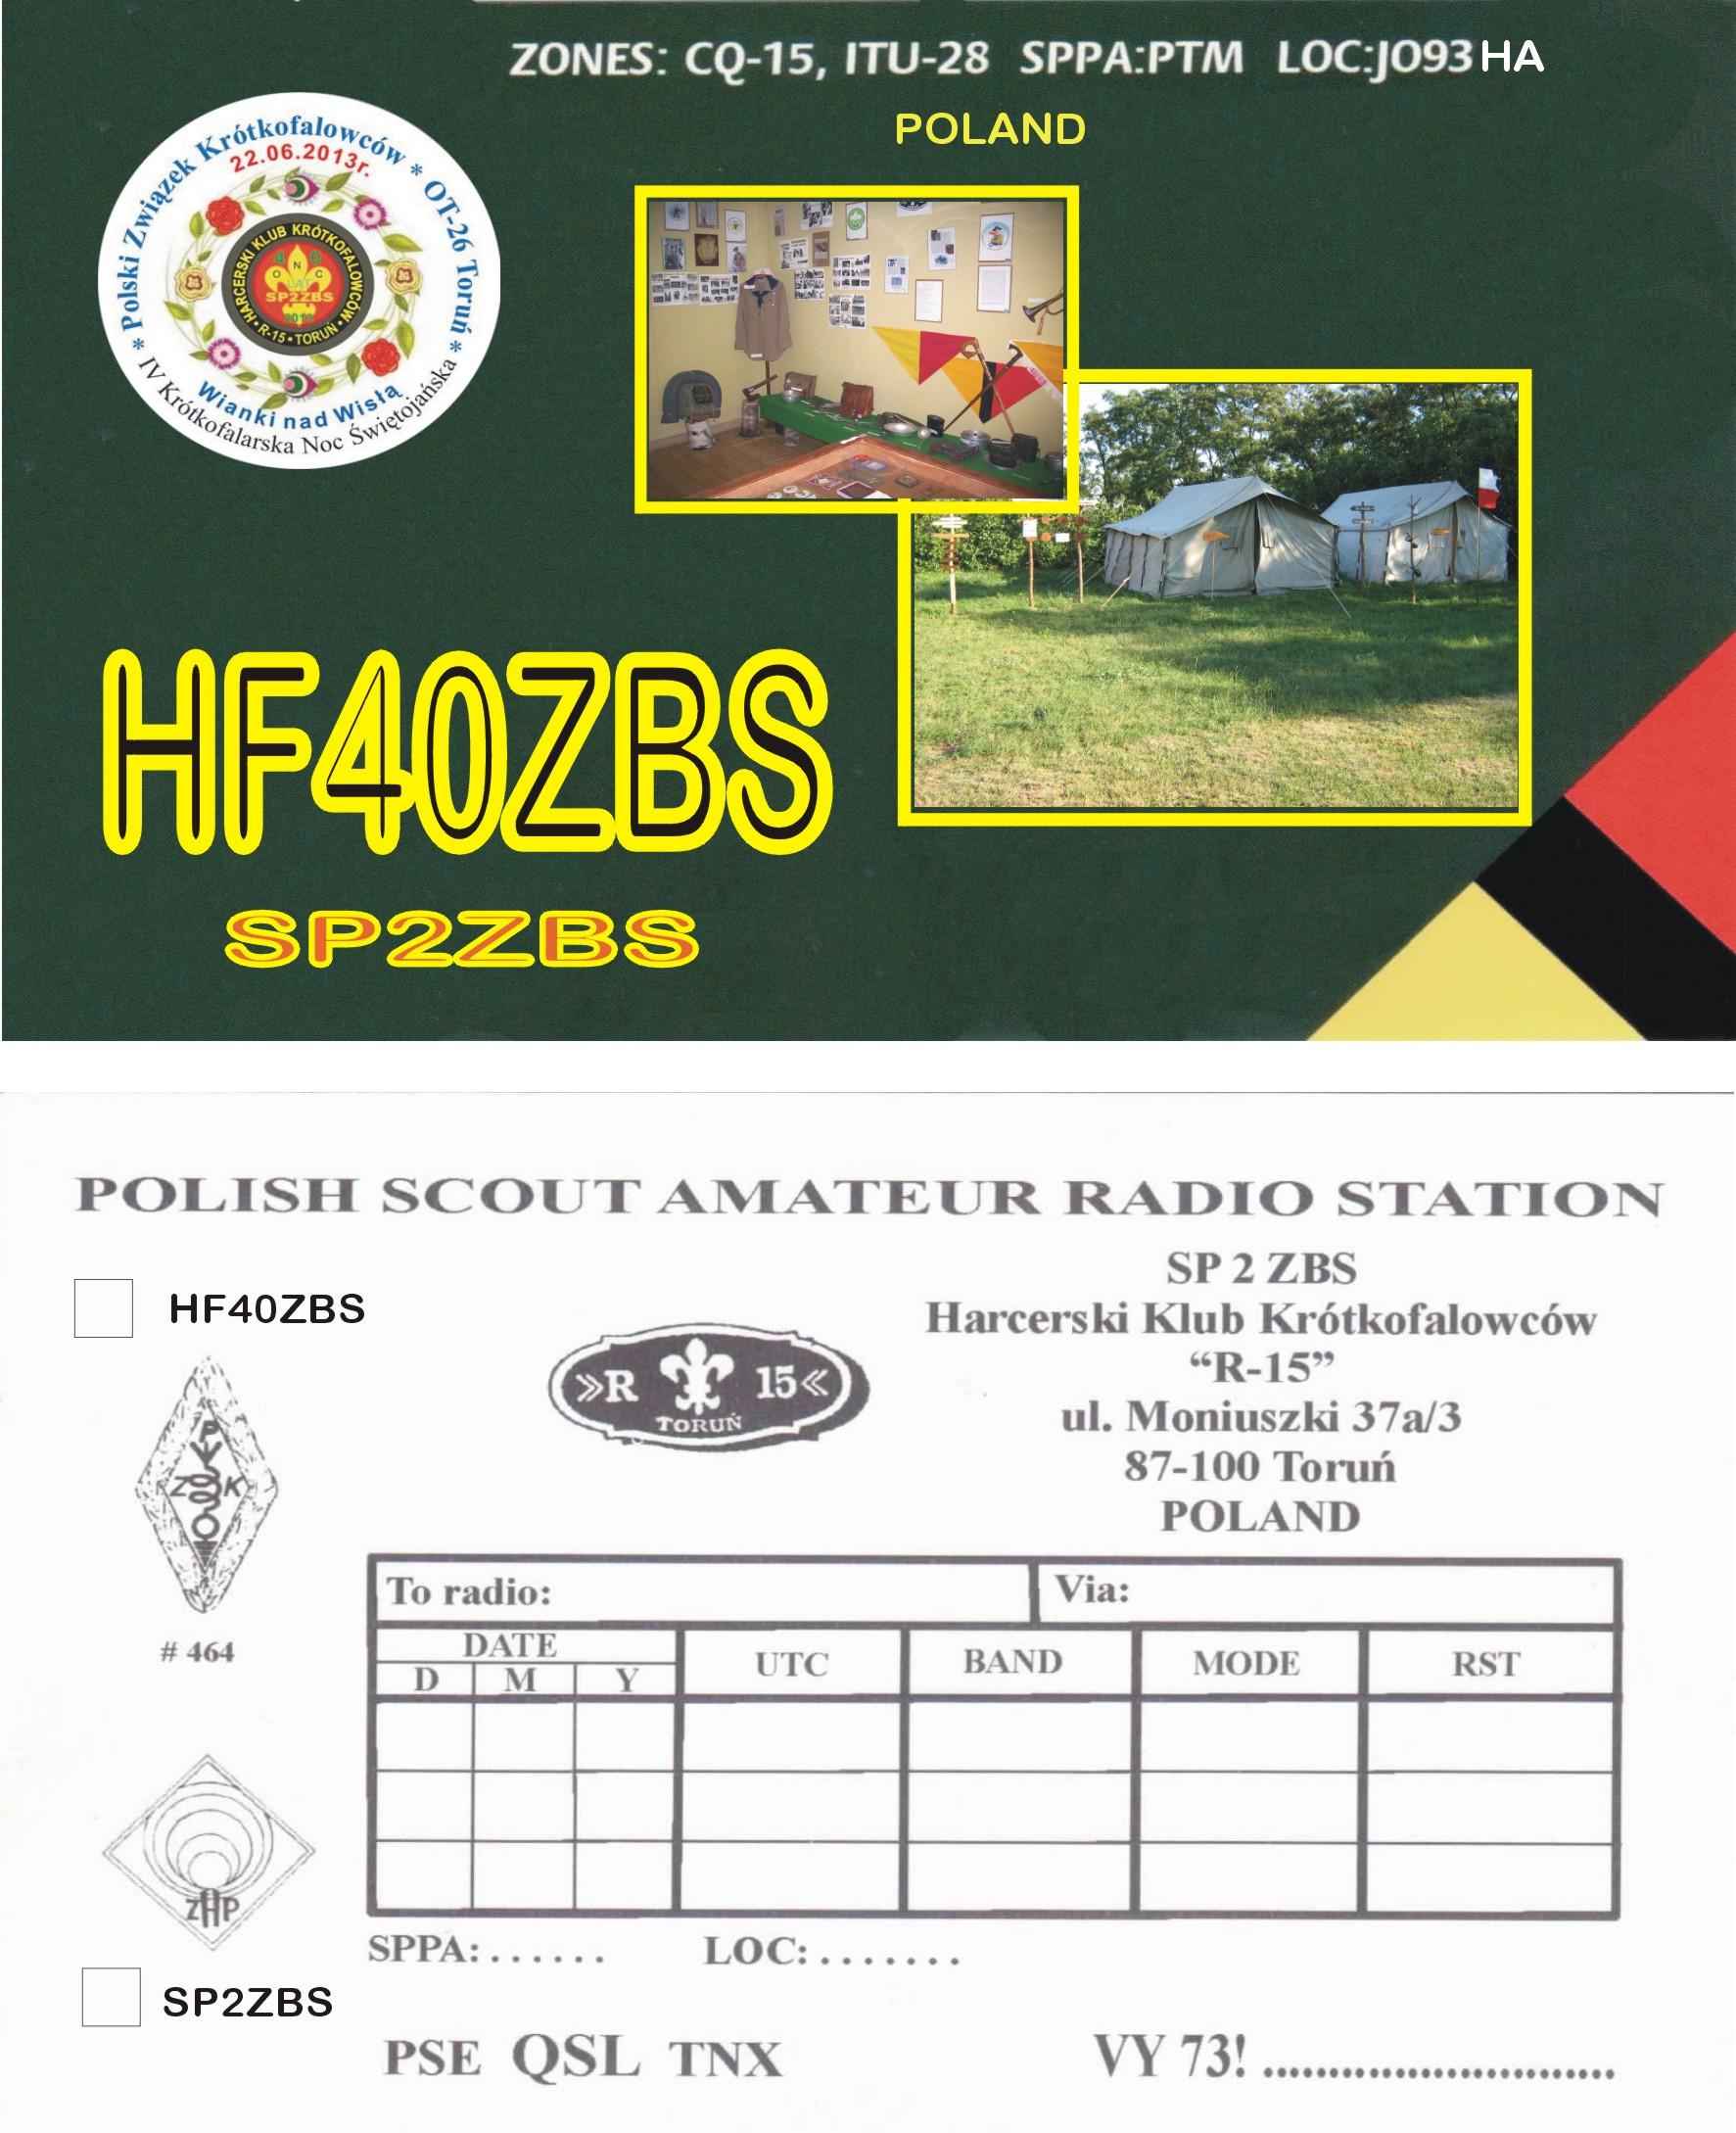 QSL image for HF40ZBS